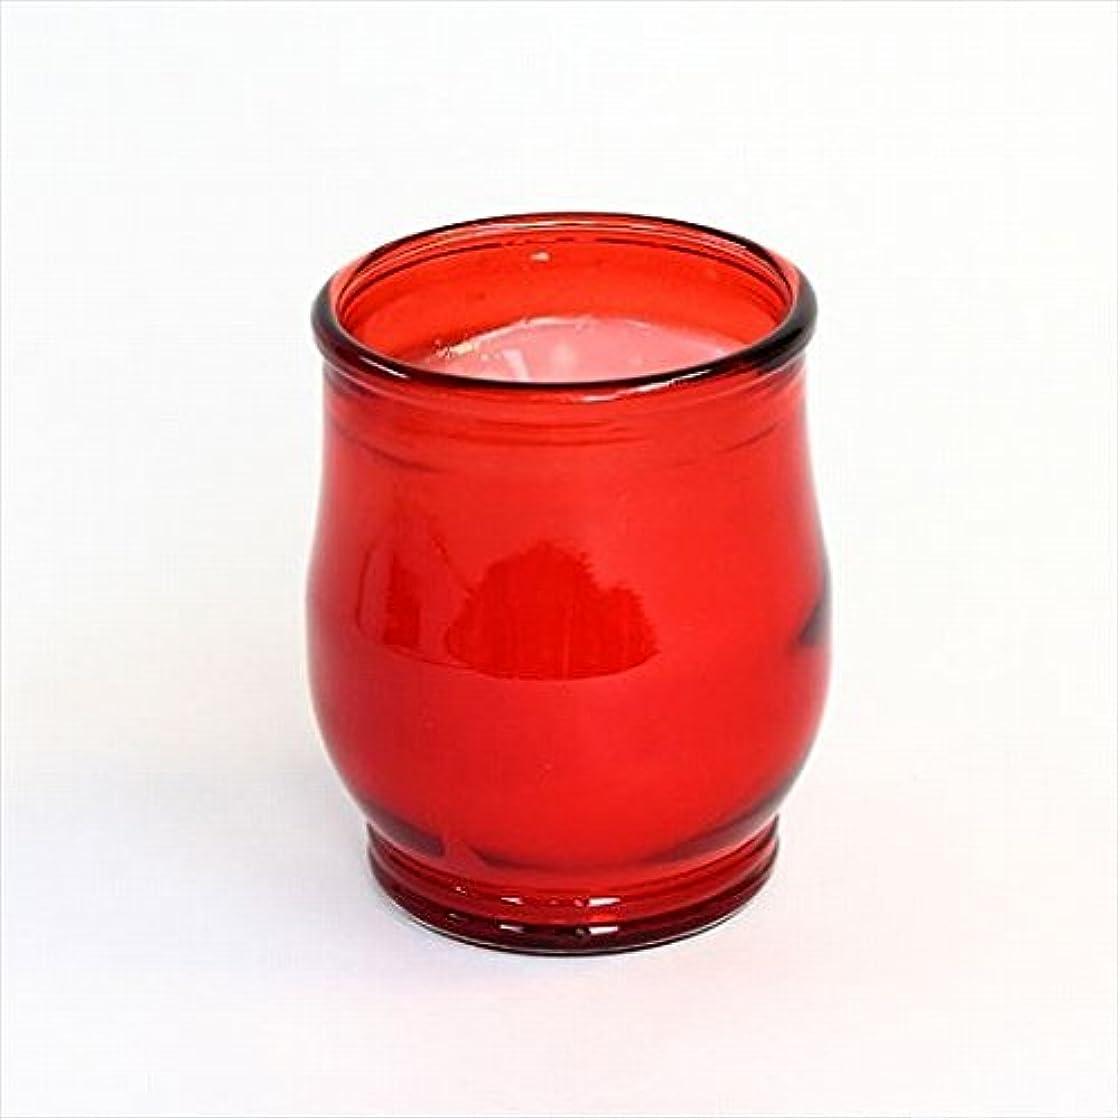 共産主義合併症研磨剤カメヤマキャンドル(kameyama candle) ポシェ(非常用コップローソク) 「 レッド 」